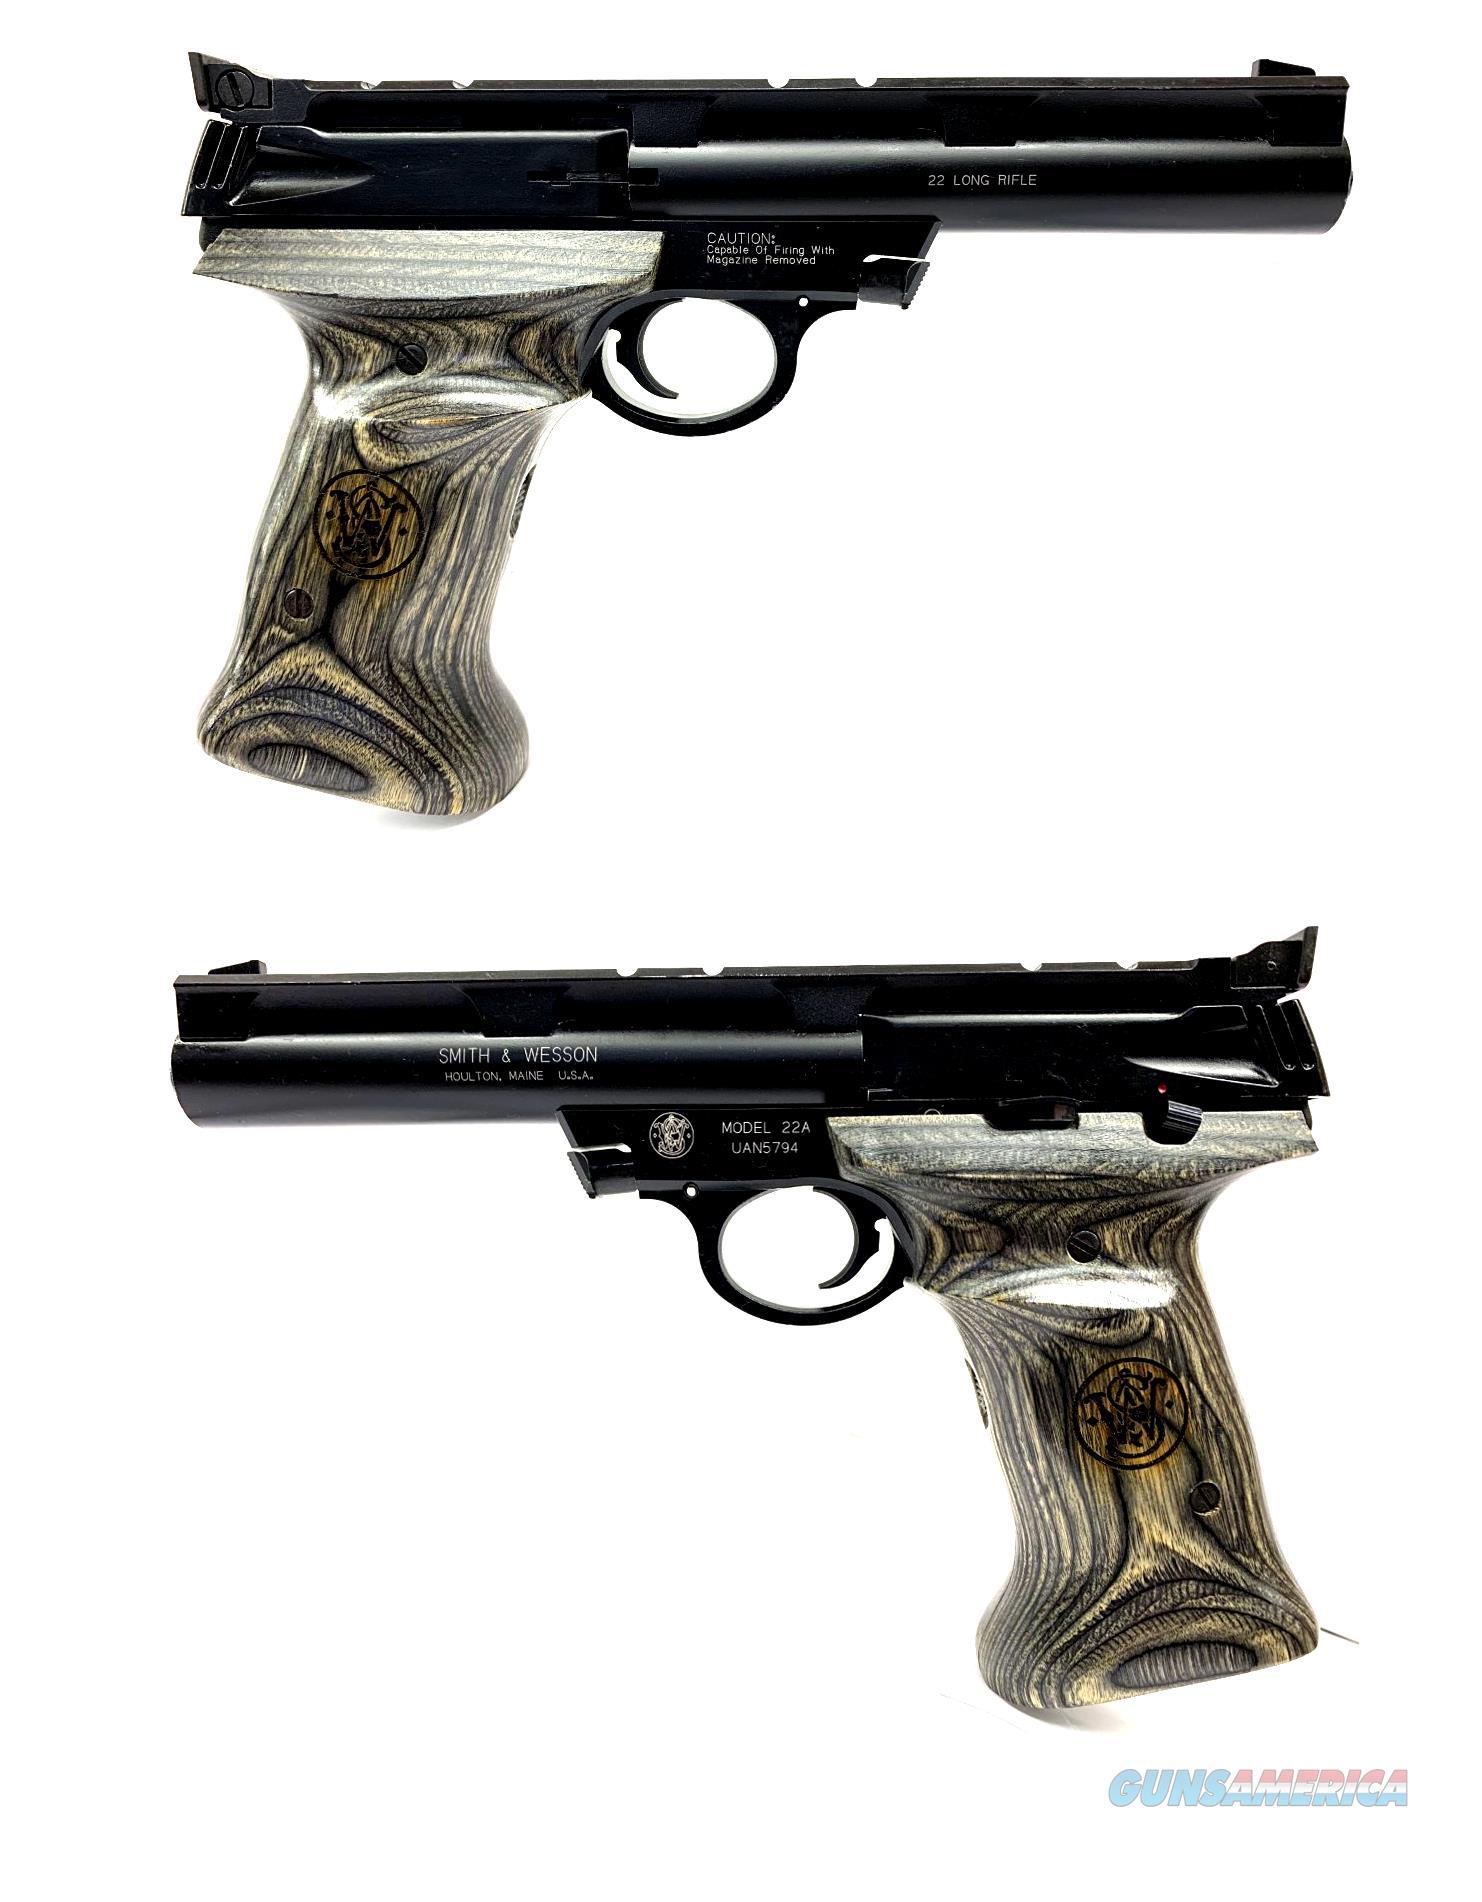 Smith & Wesson Model 22A Semi-Automatic Pistol  Guns > Pistols > Smith & Wesson Pistols - Autos > Alloy Frame